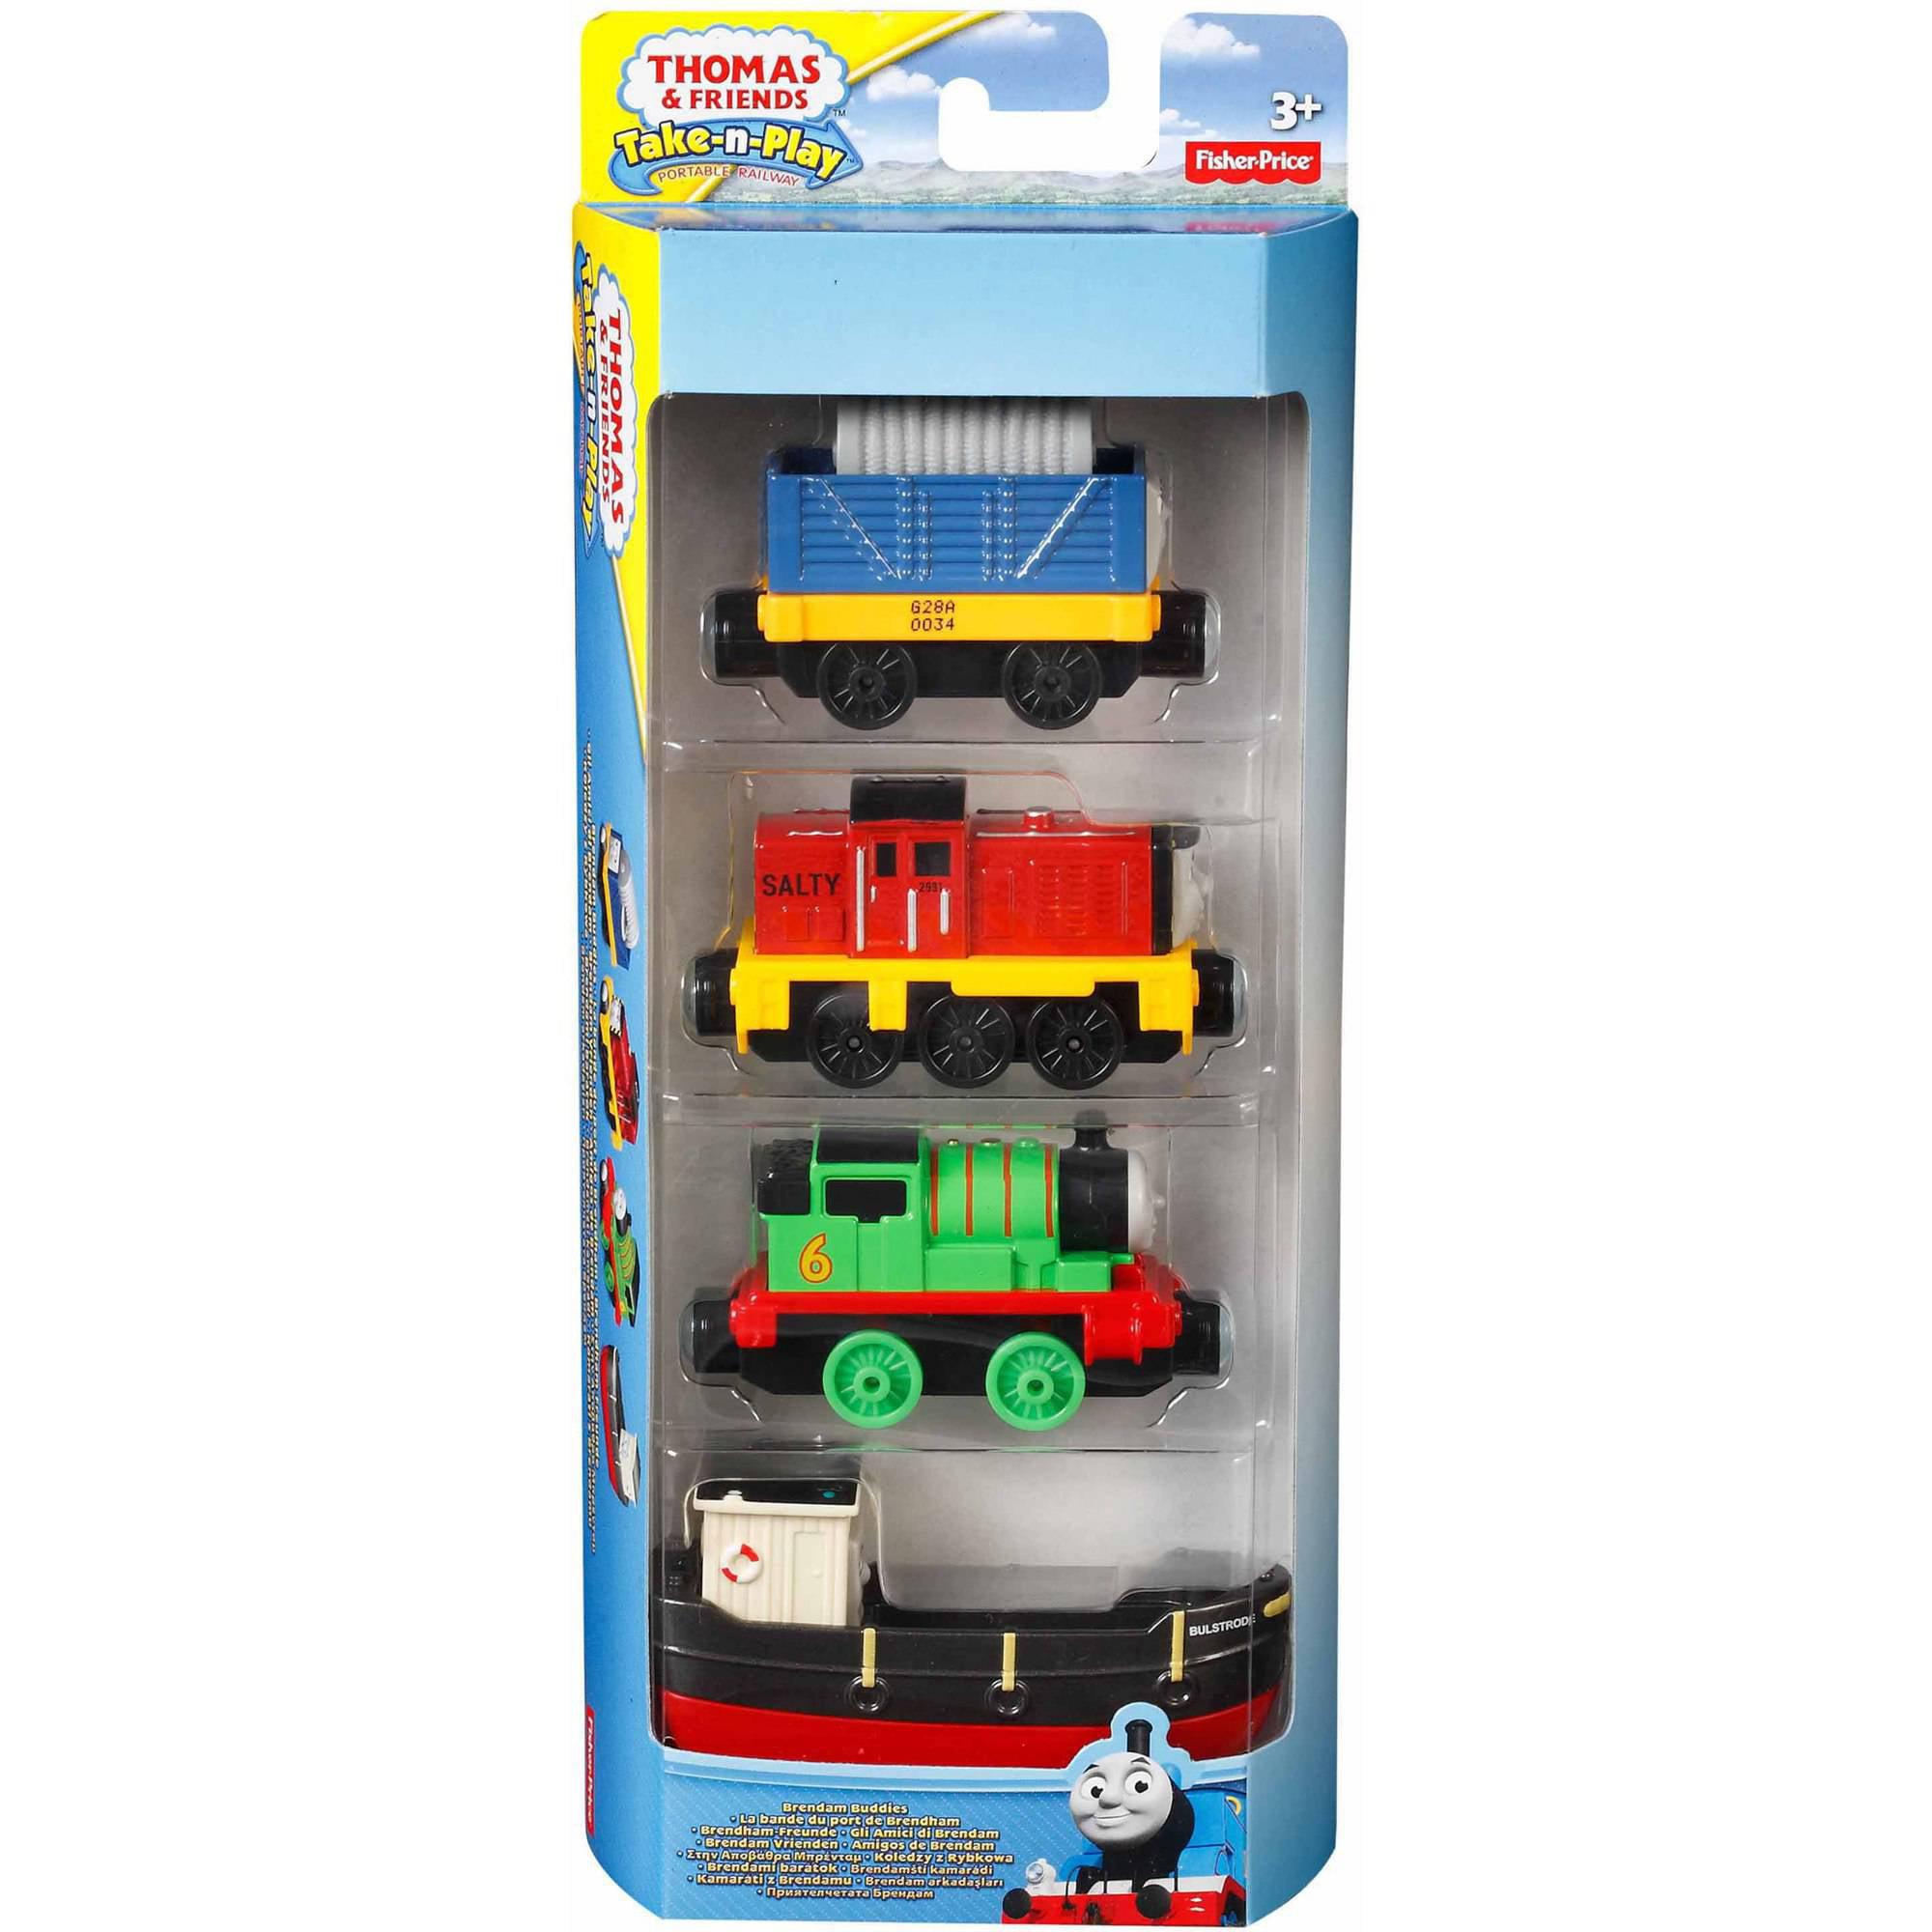 Thomas & Friends Take-n-Play Dieselworks Fix-Up